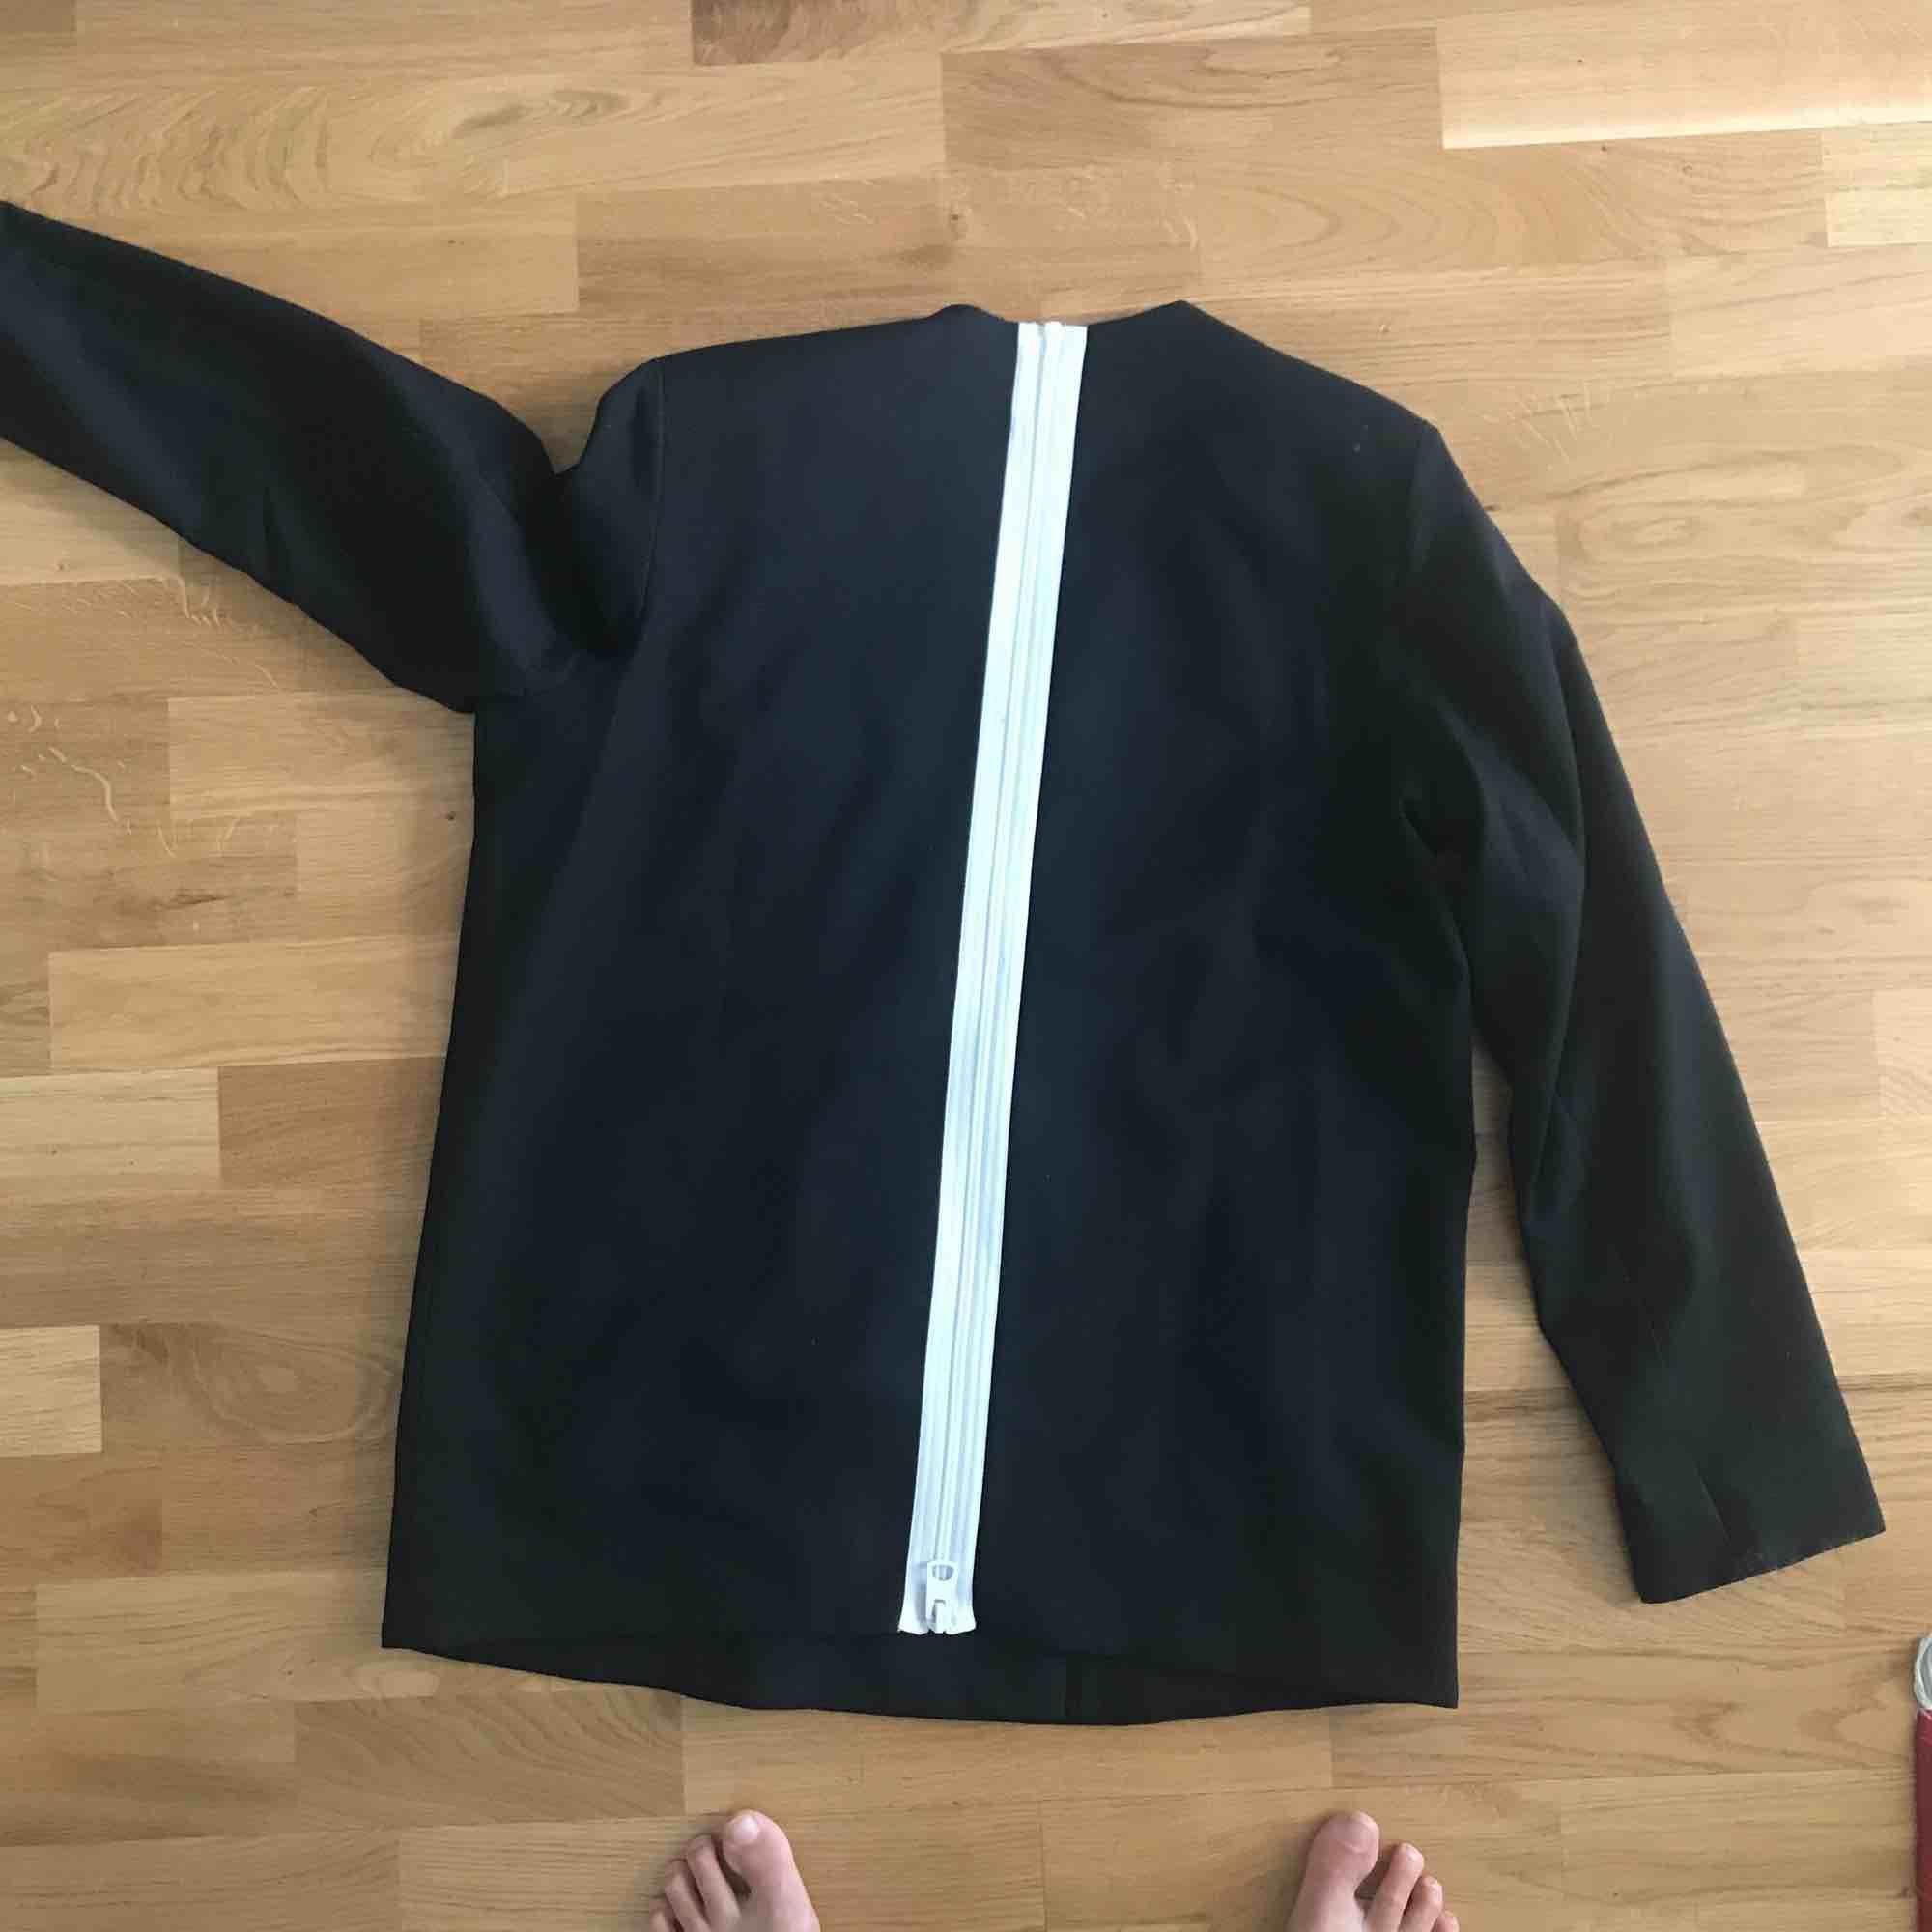 Supersnygg svart kavaj ifrån Cheap Monday. Snygg detalj med vit dragkedja bak. Kostymer.